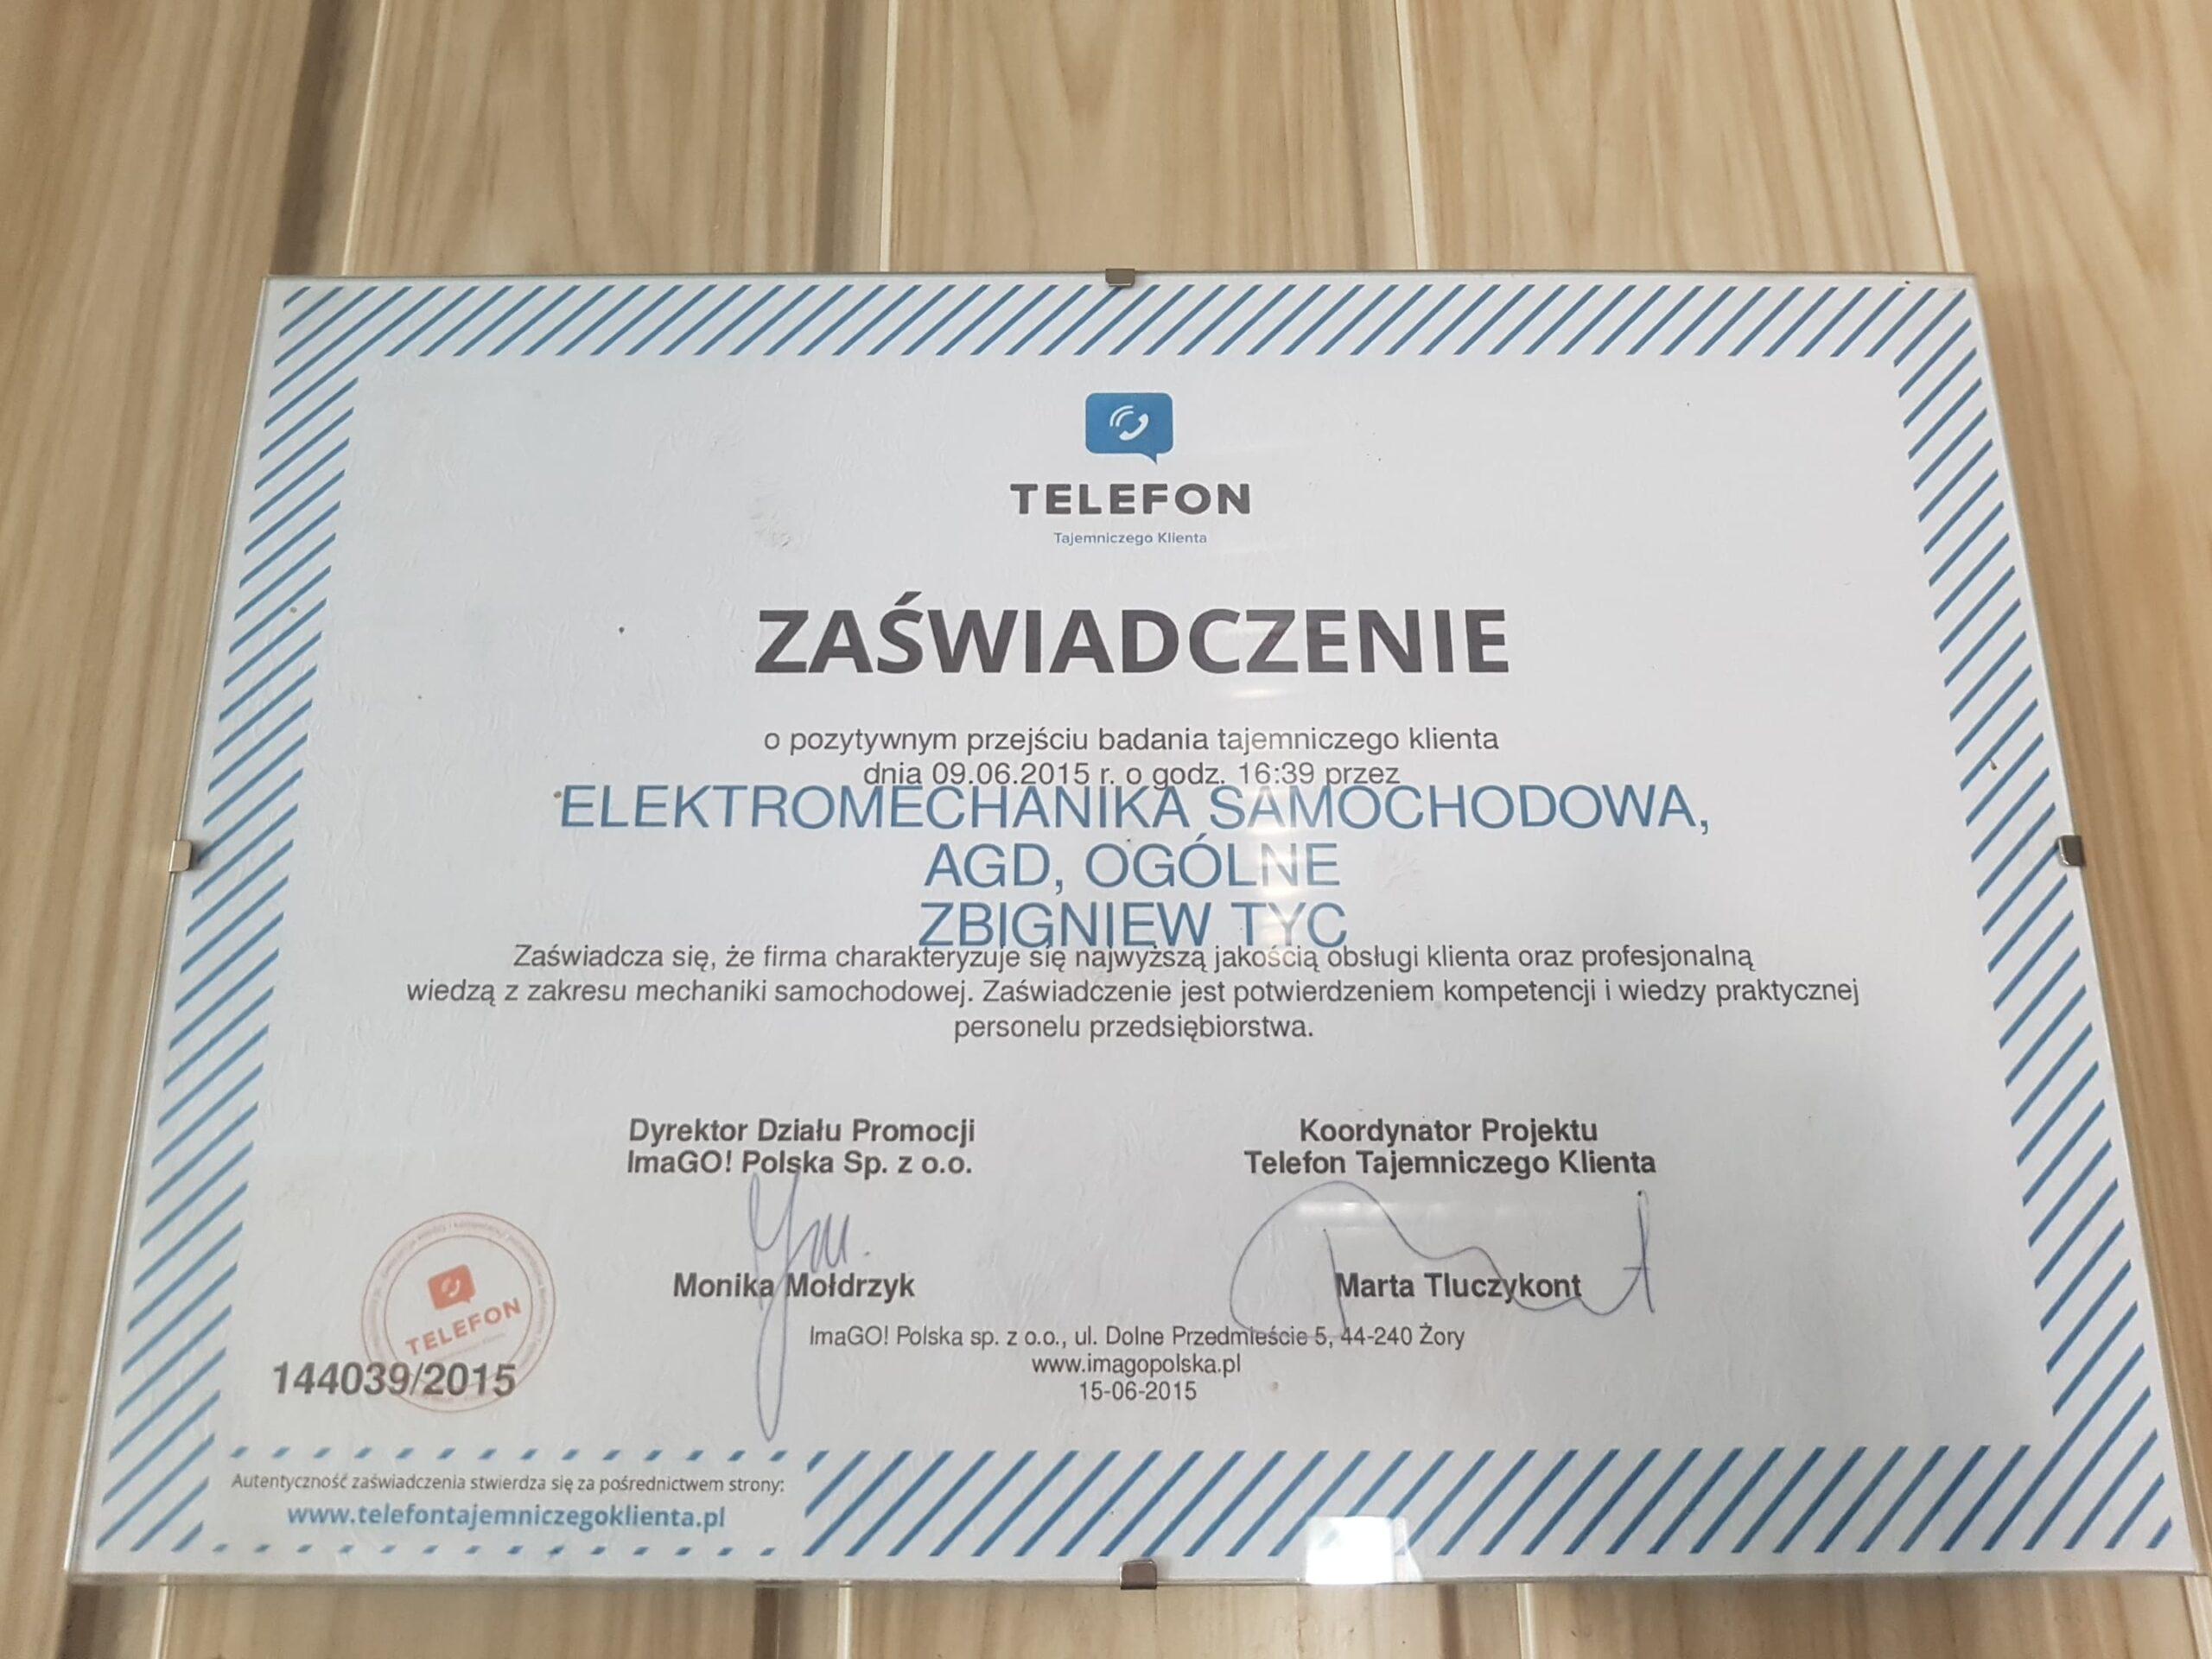 Certyfikat Tajemniczy Klient Elektromechanika Tyc Płock